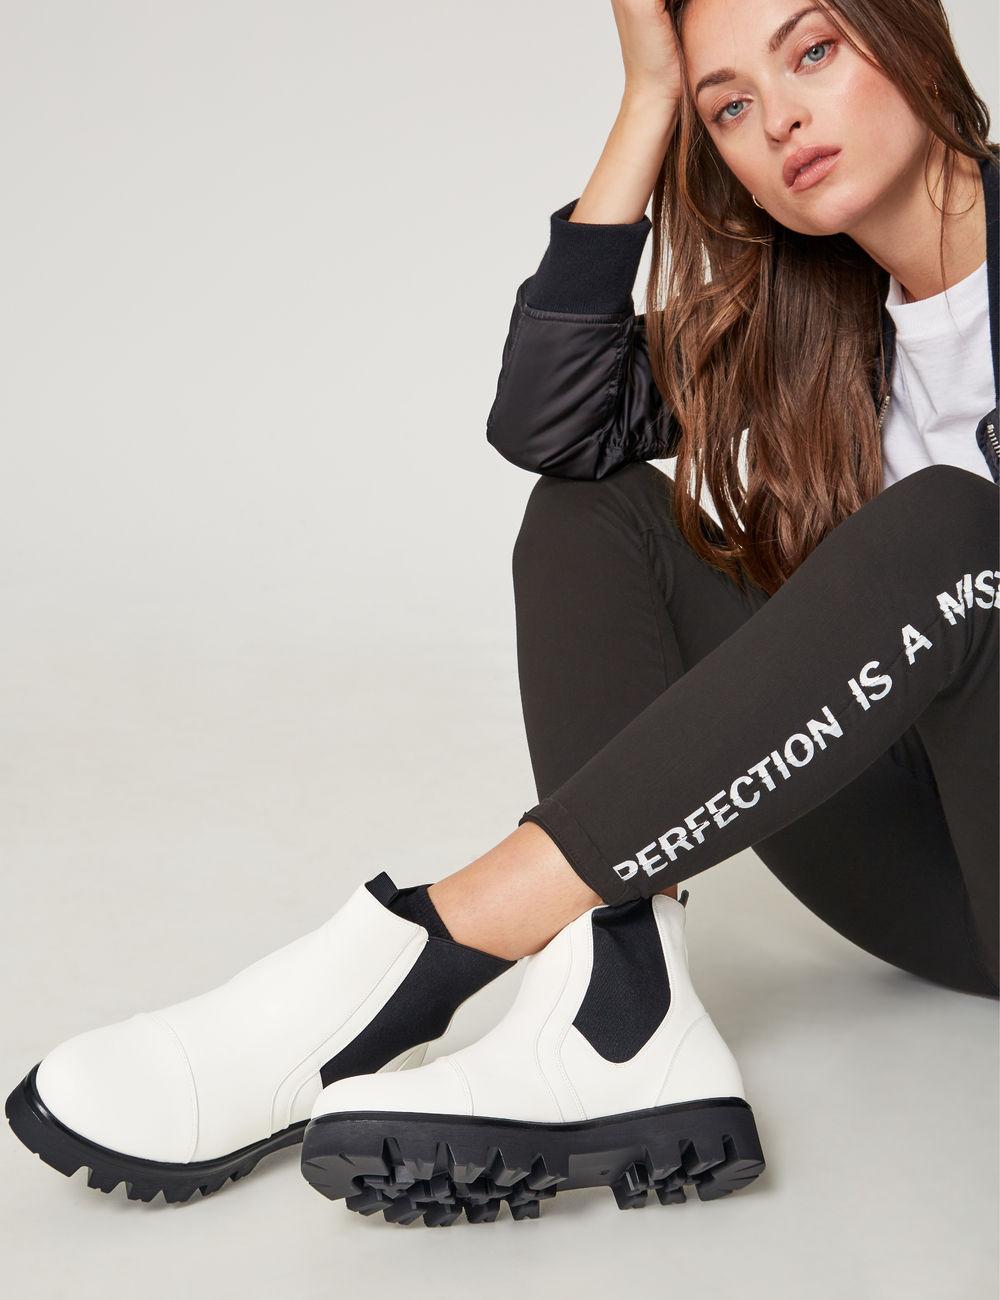 Белые ботинки с черной подошвой